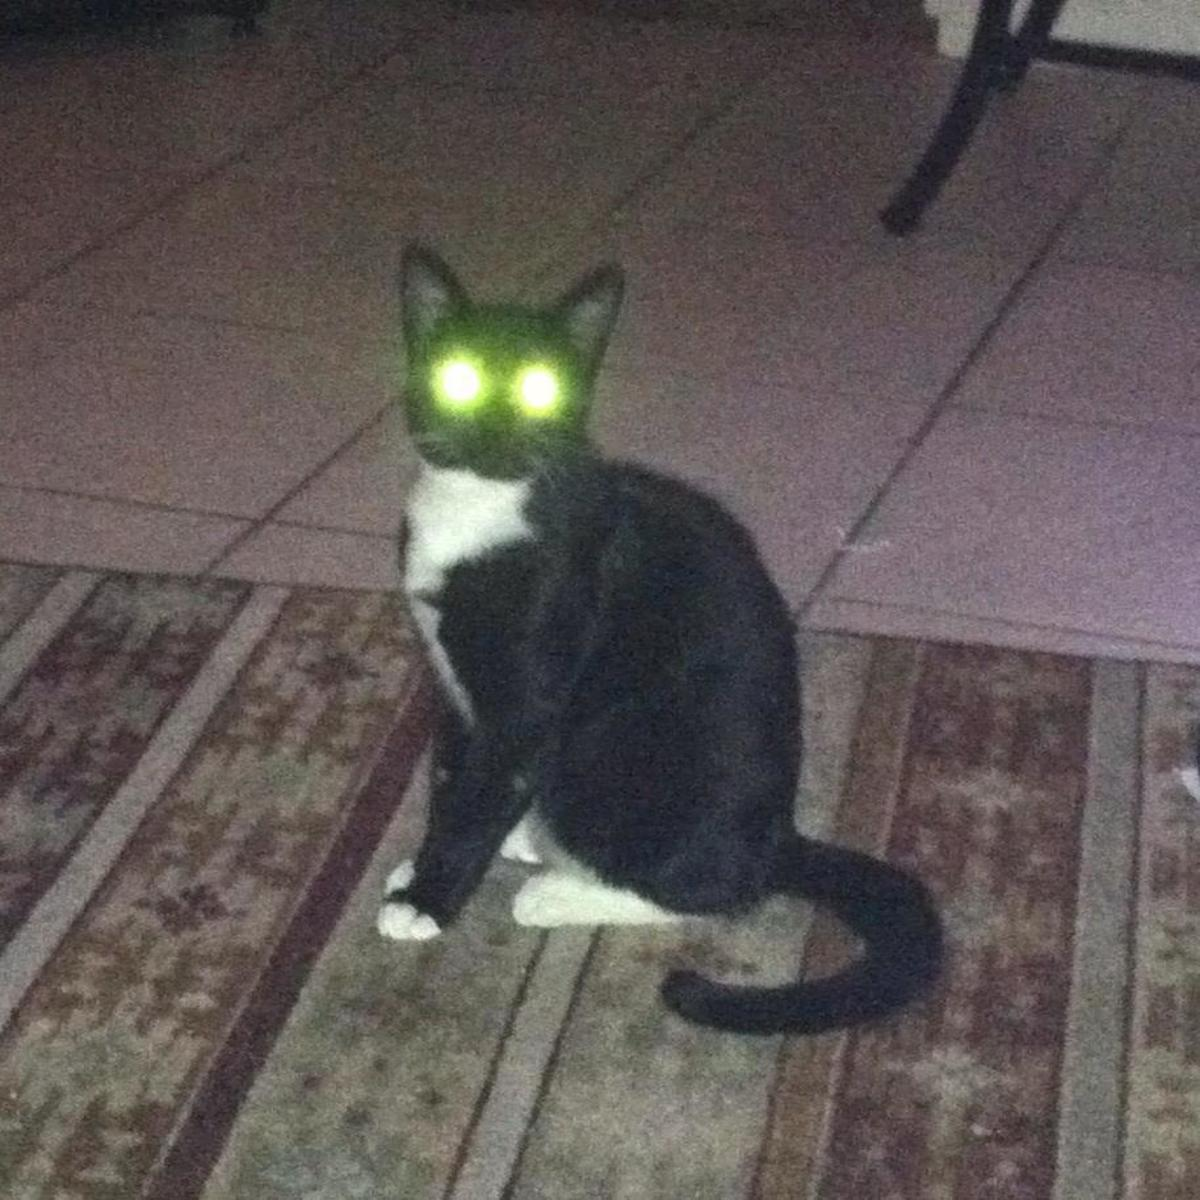 A cat spirit?